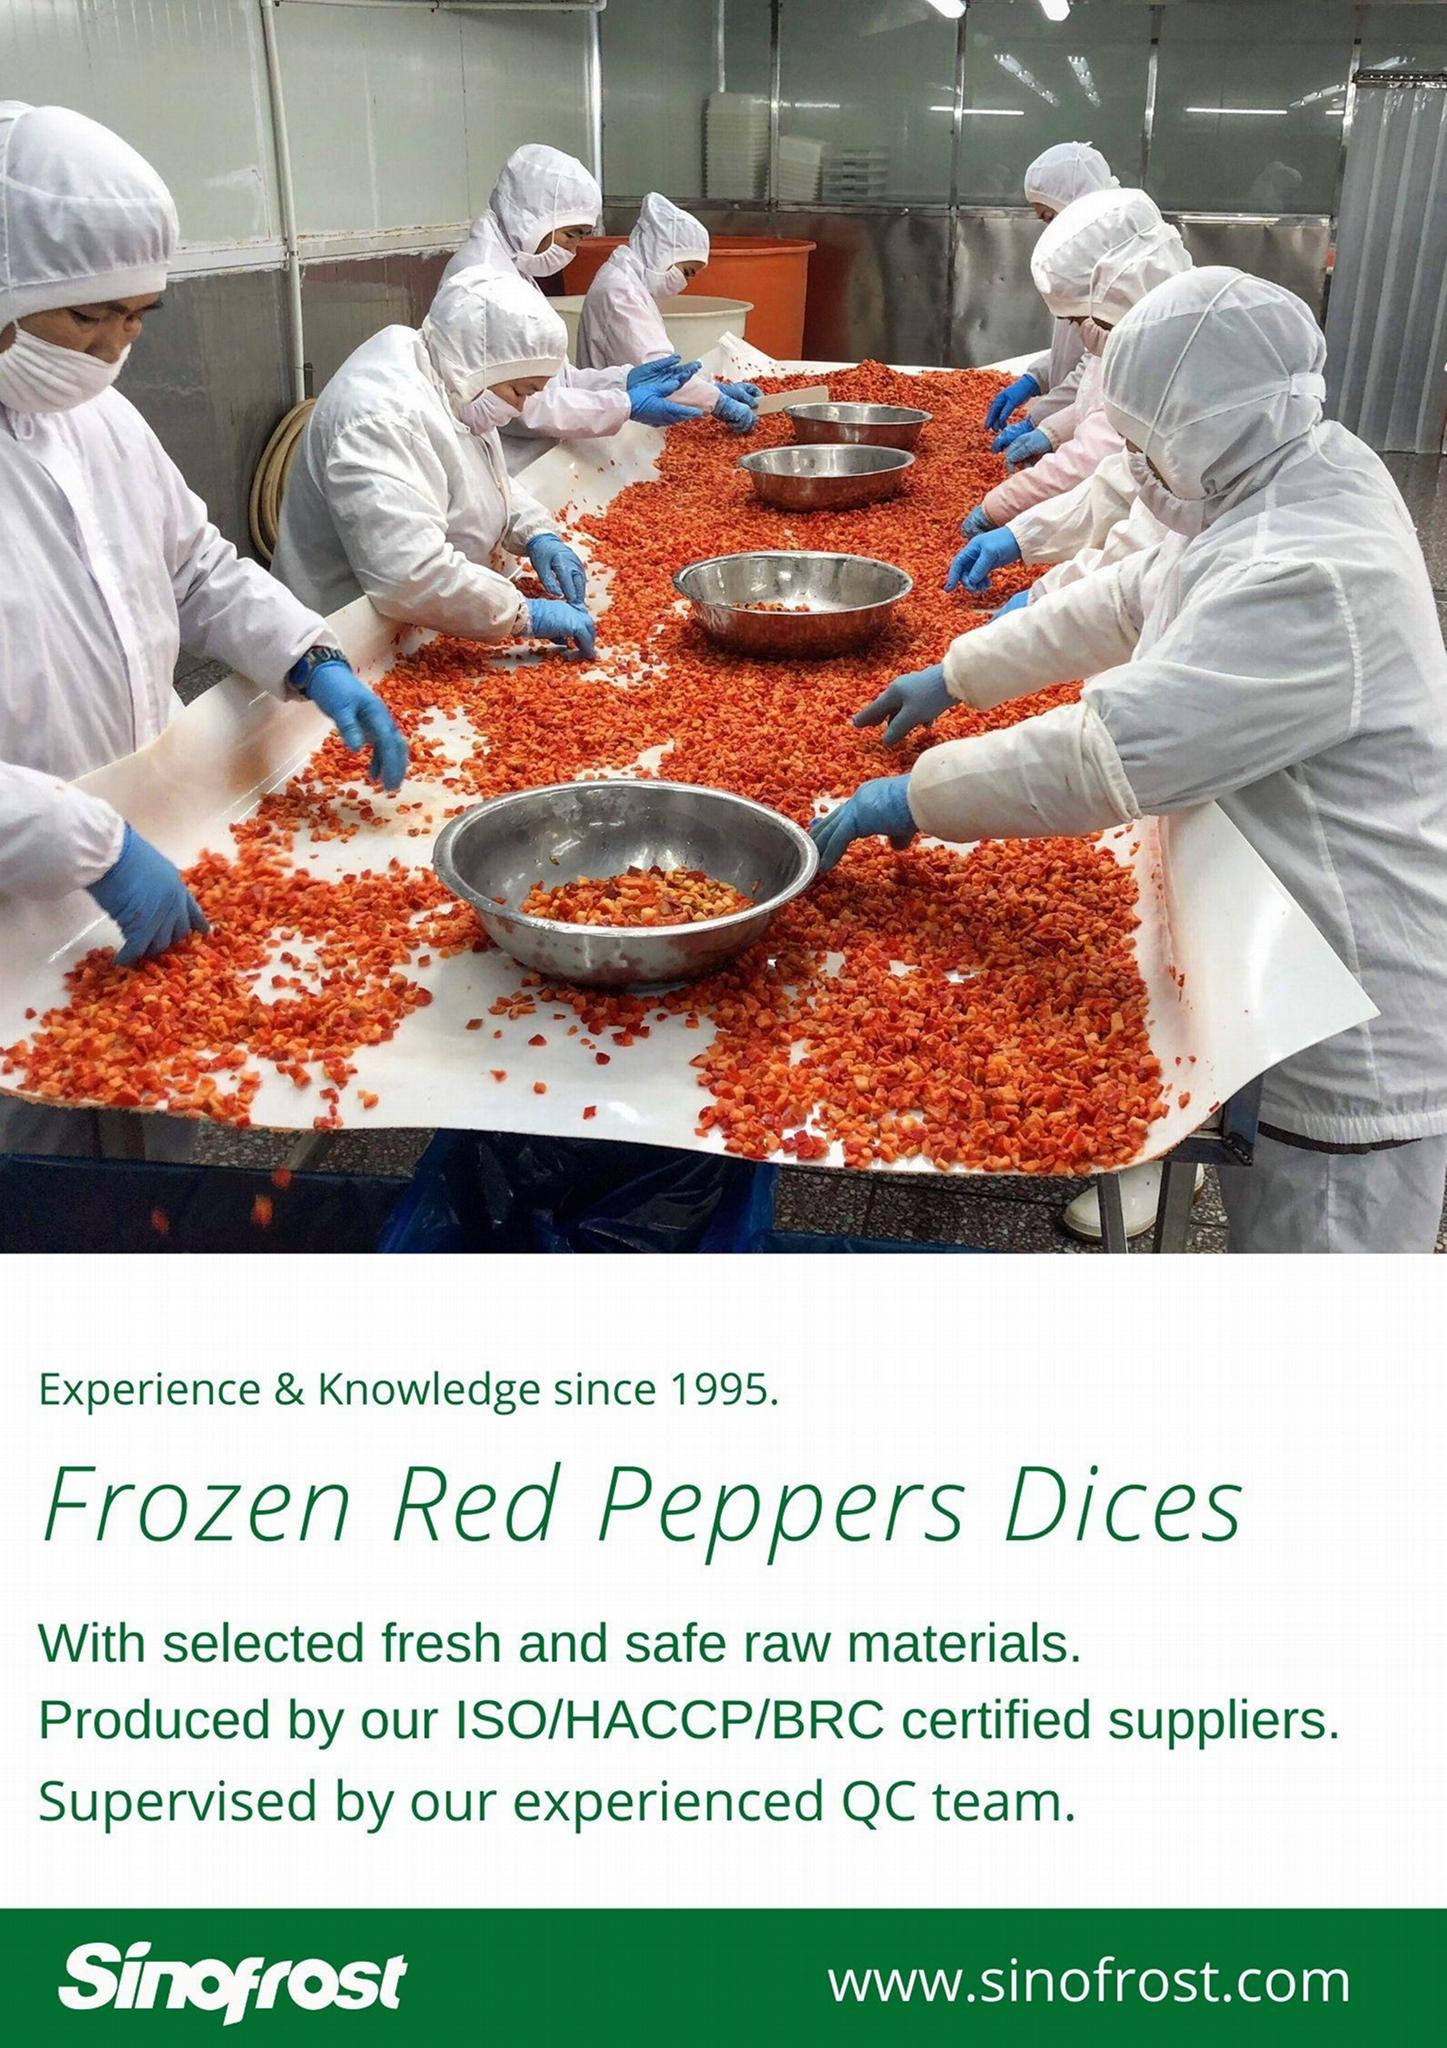 冷凍紅椒,速凍紅椒,絲/丁 10